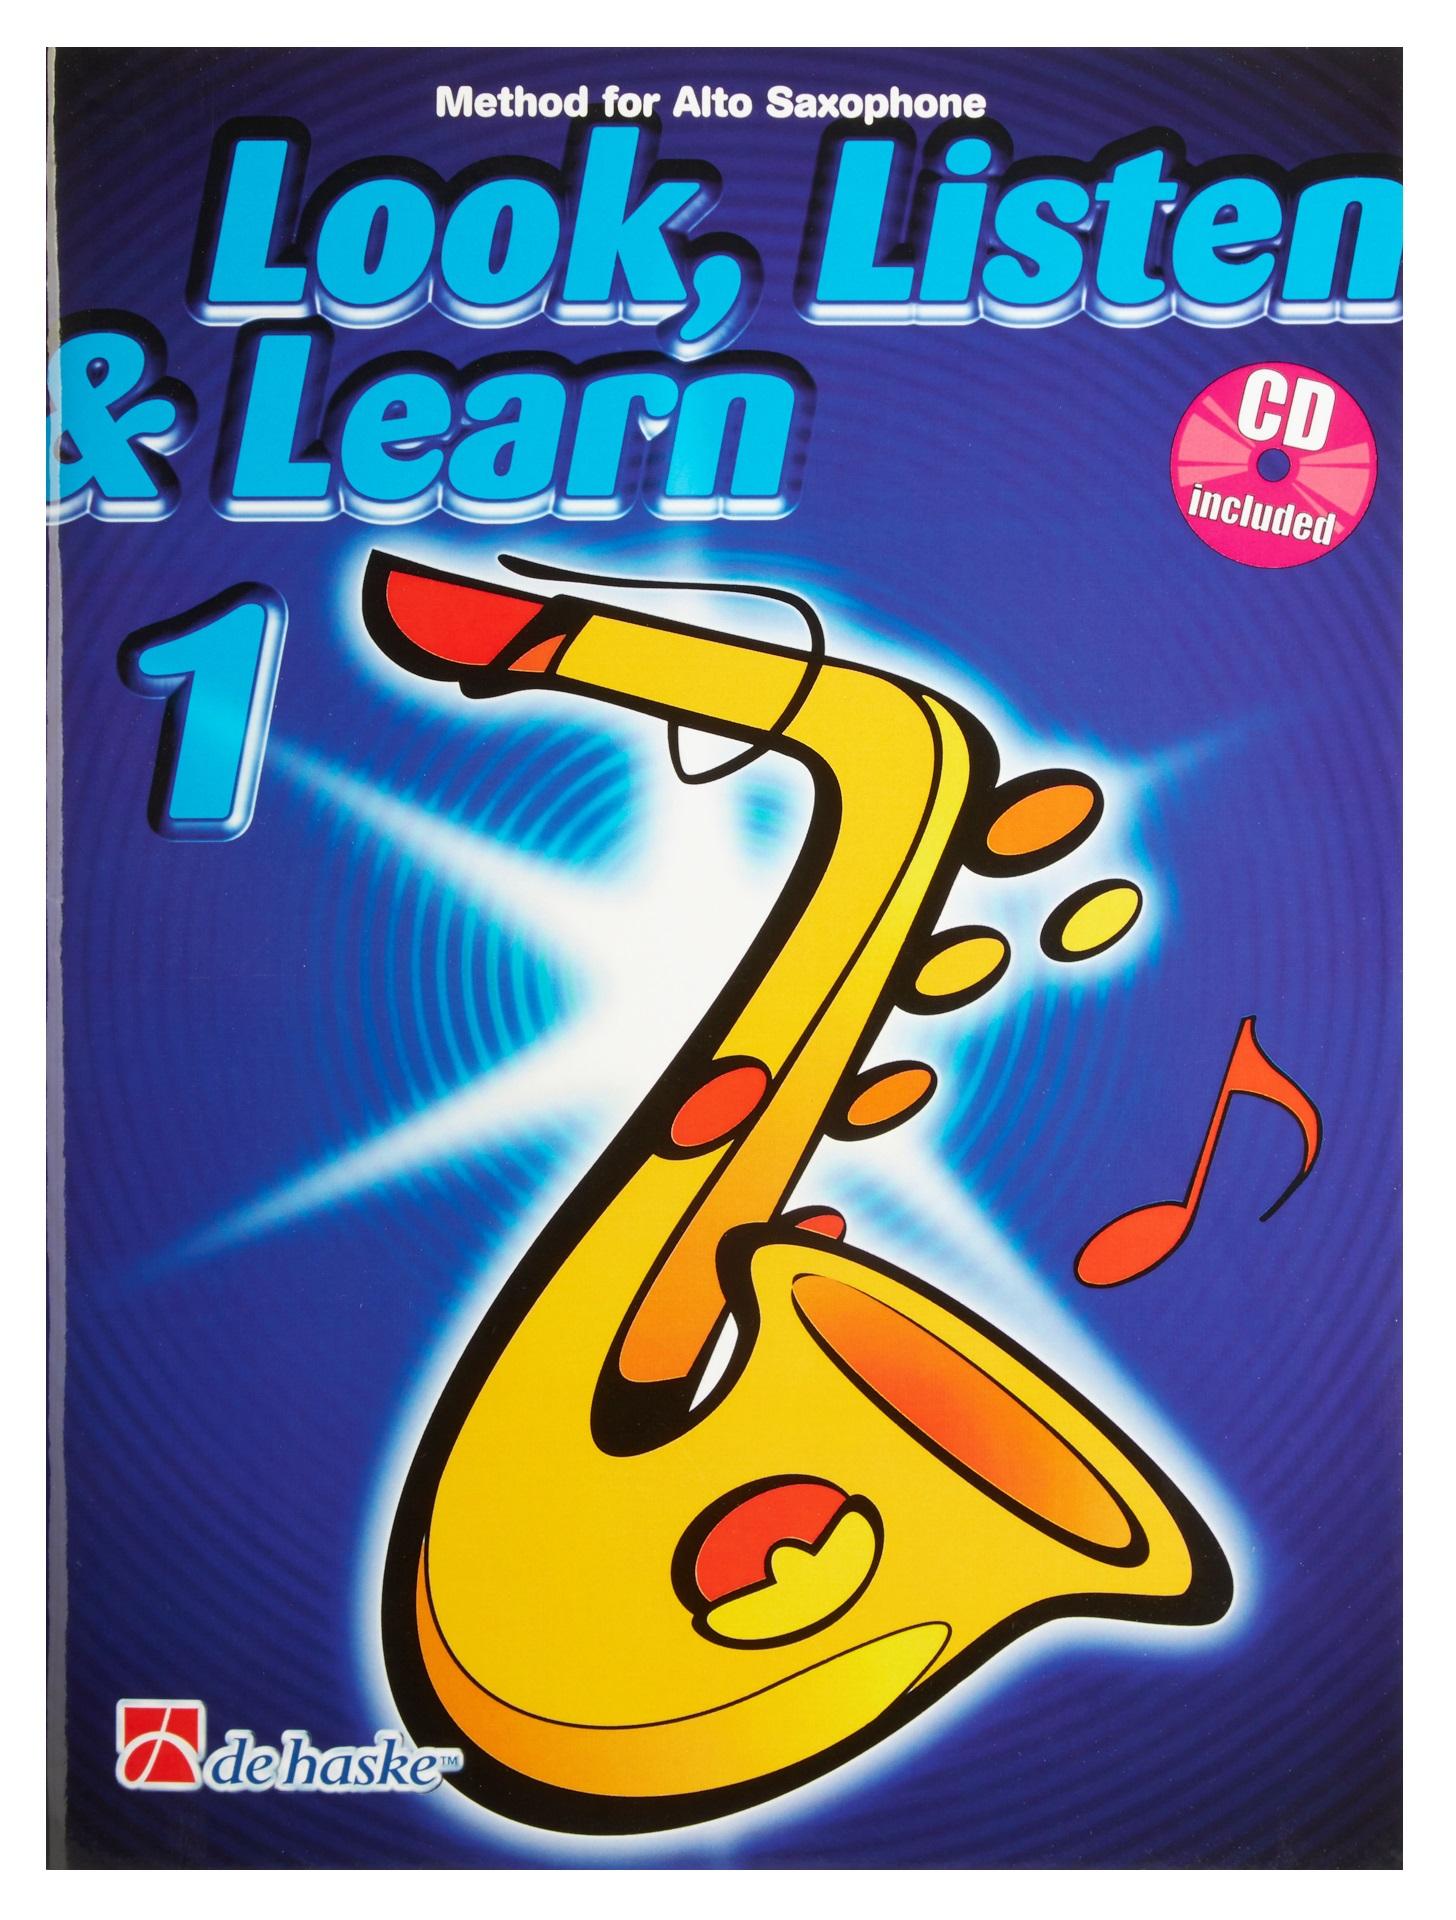 MS Look, Listen & Learn 1 - Alto Saxophone